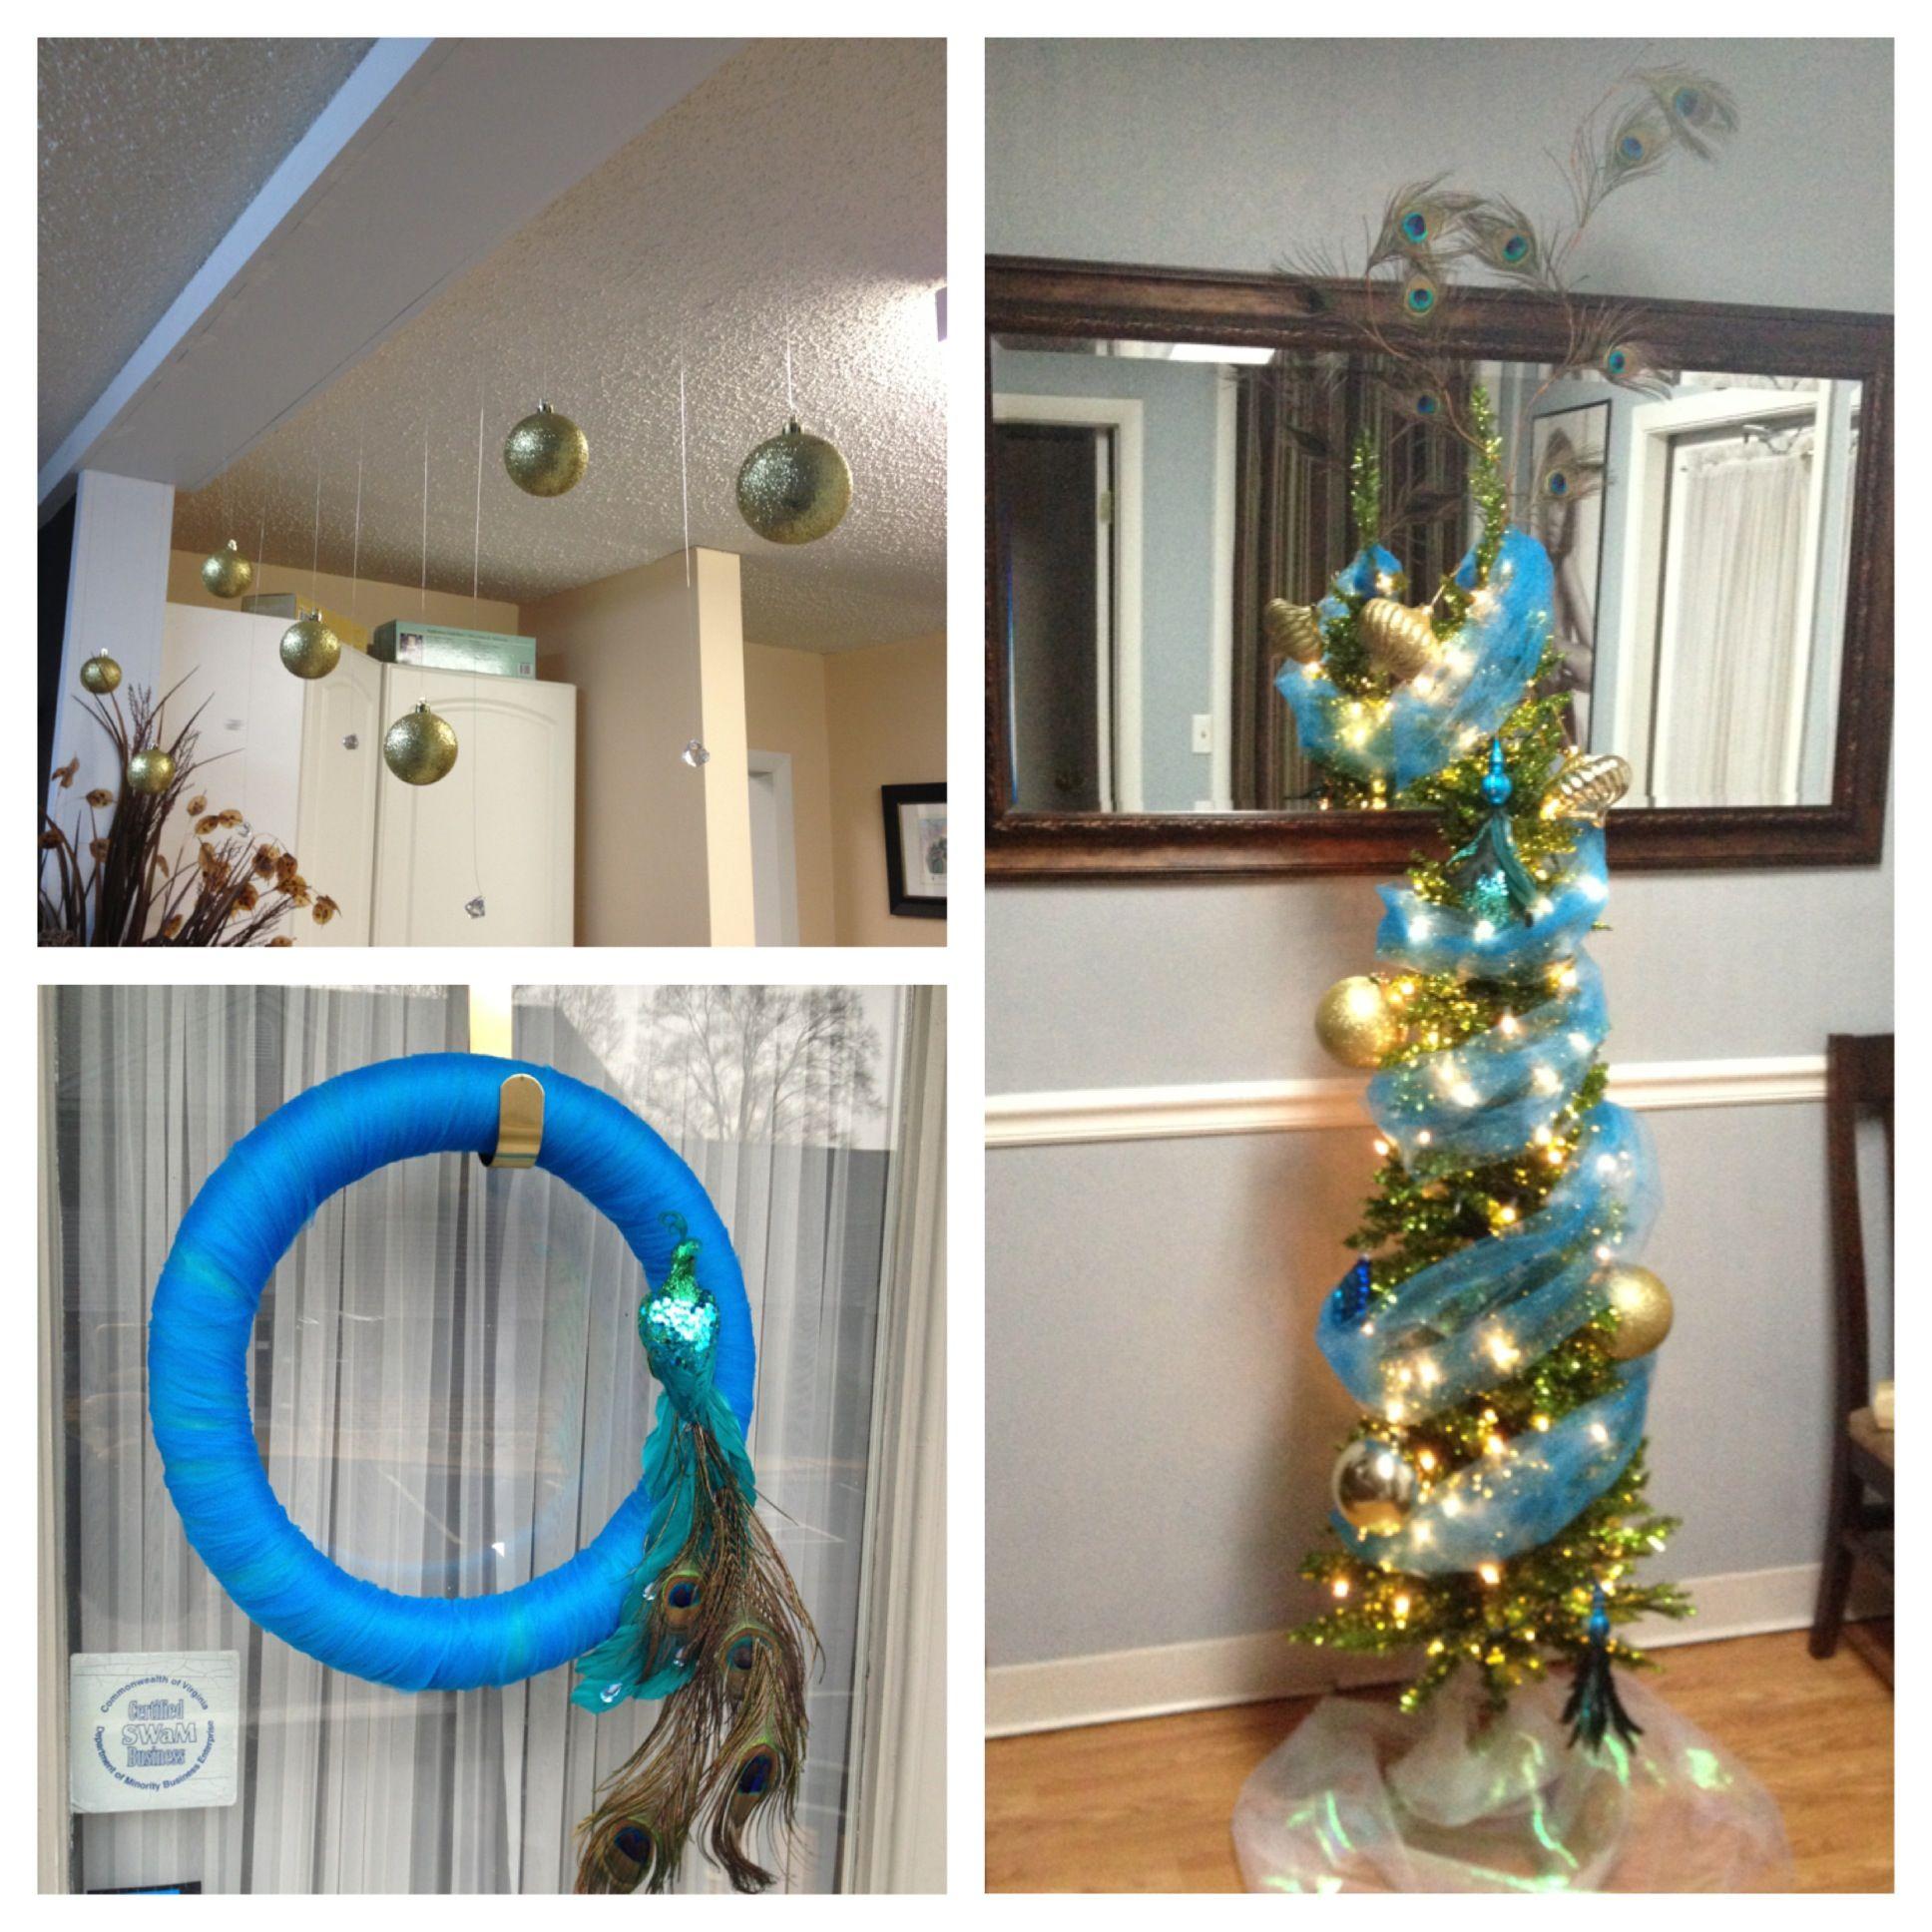 Decorating Ideas > Byute Hair Salon Christmas Decor  Holidays  Pinterest ~ 064703_Christmas Decoration Ideas Salon